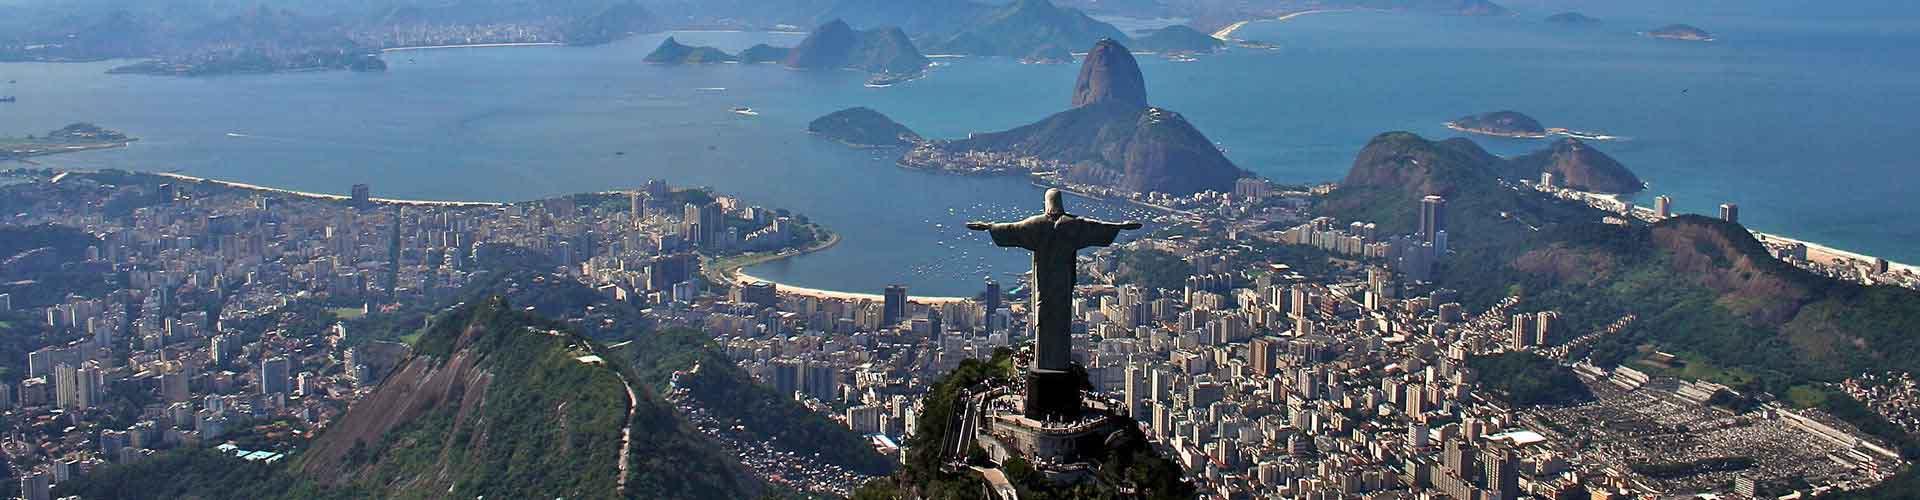 Rio de Janeiro - Auberges de jeunesse dans le quartier de Cidade Nova. Cartes pour Rio de Janeiro, photos et commentaires pour chaque auberge de jeunesse à Rio de Janeiro.